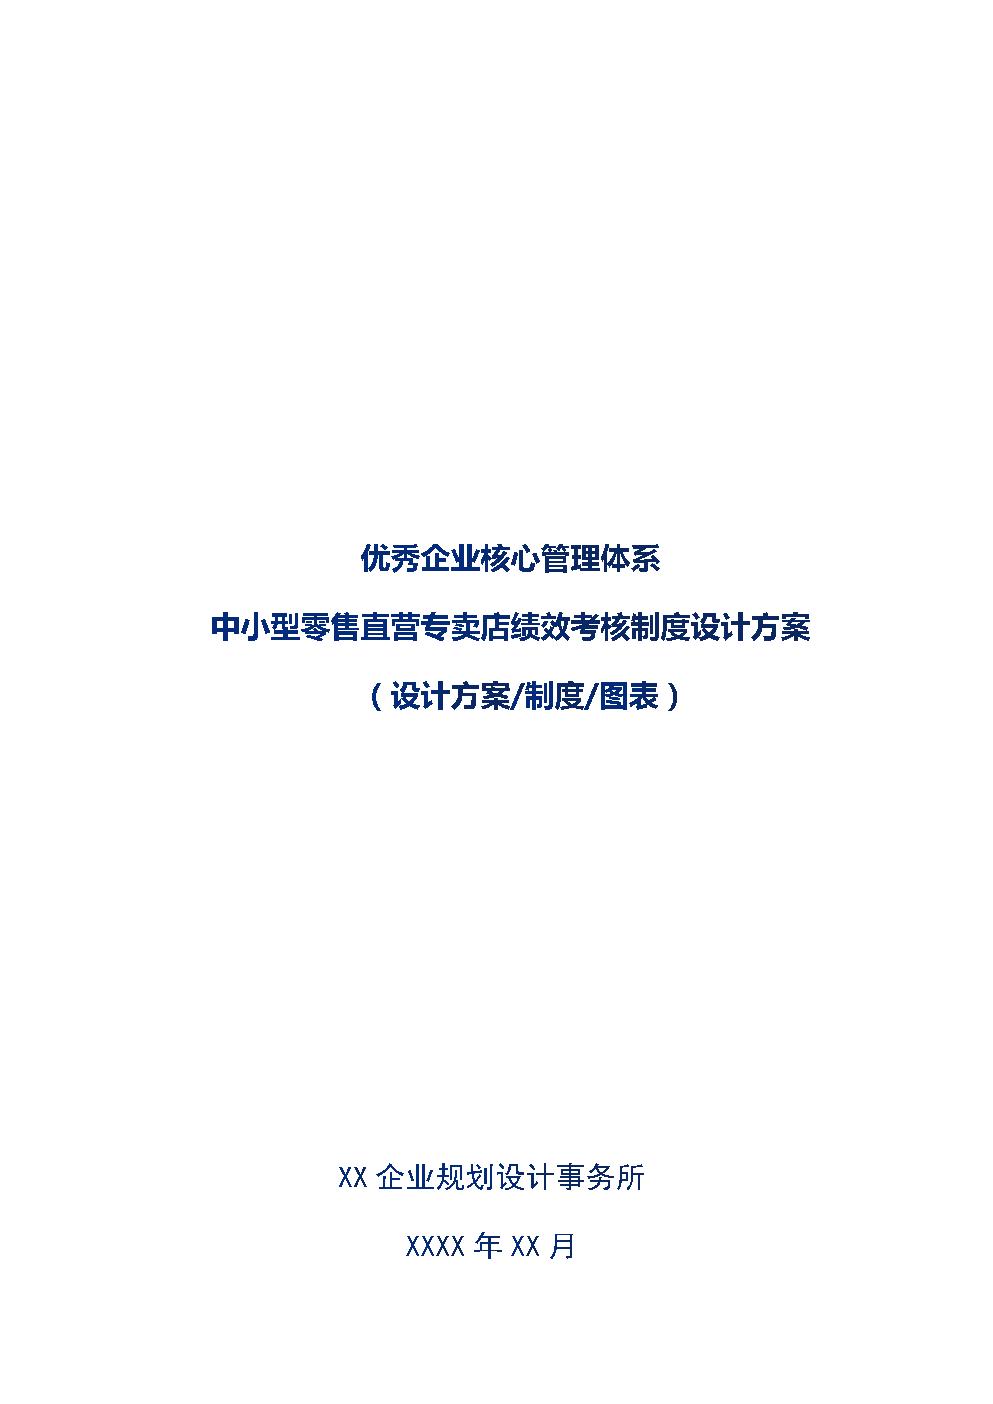 中小型零售直营专卖店绩效考核制度设计方案.docx